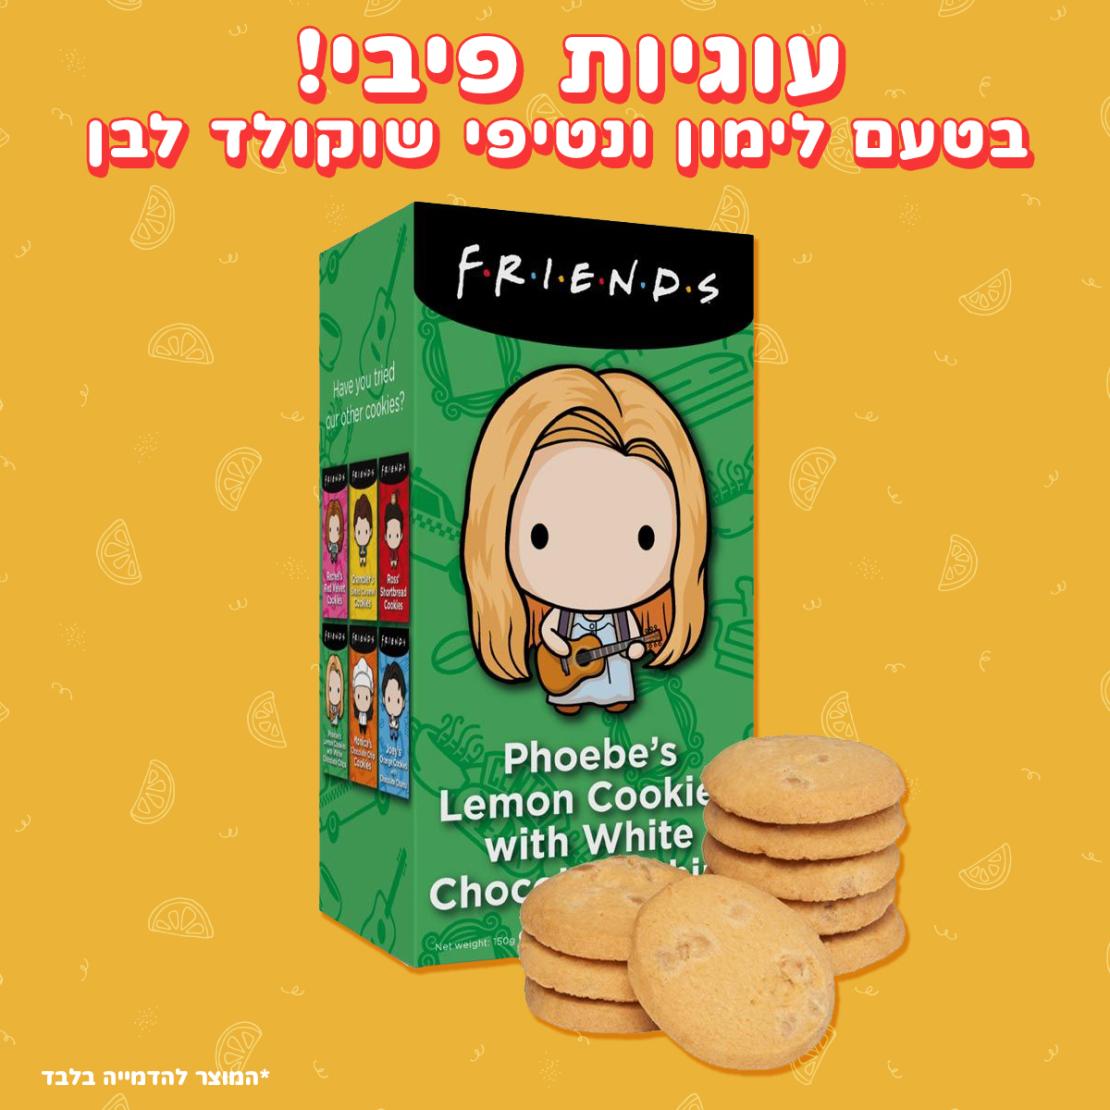 עוגיות 'חברים' - Friends Chocolate chip cookies